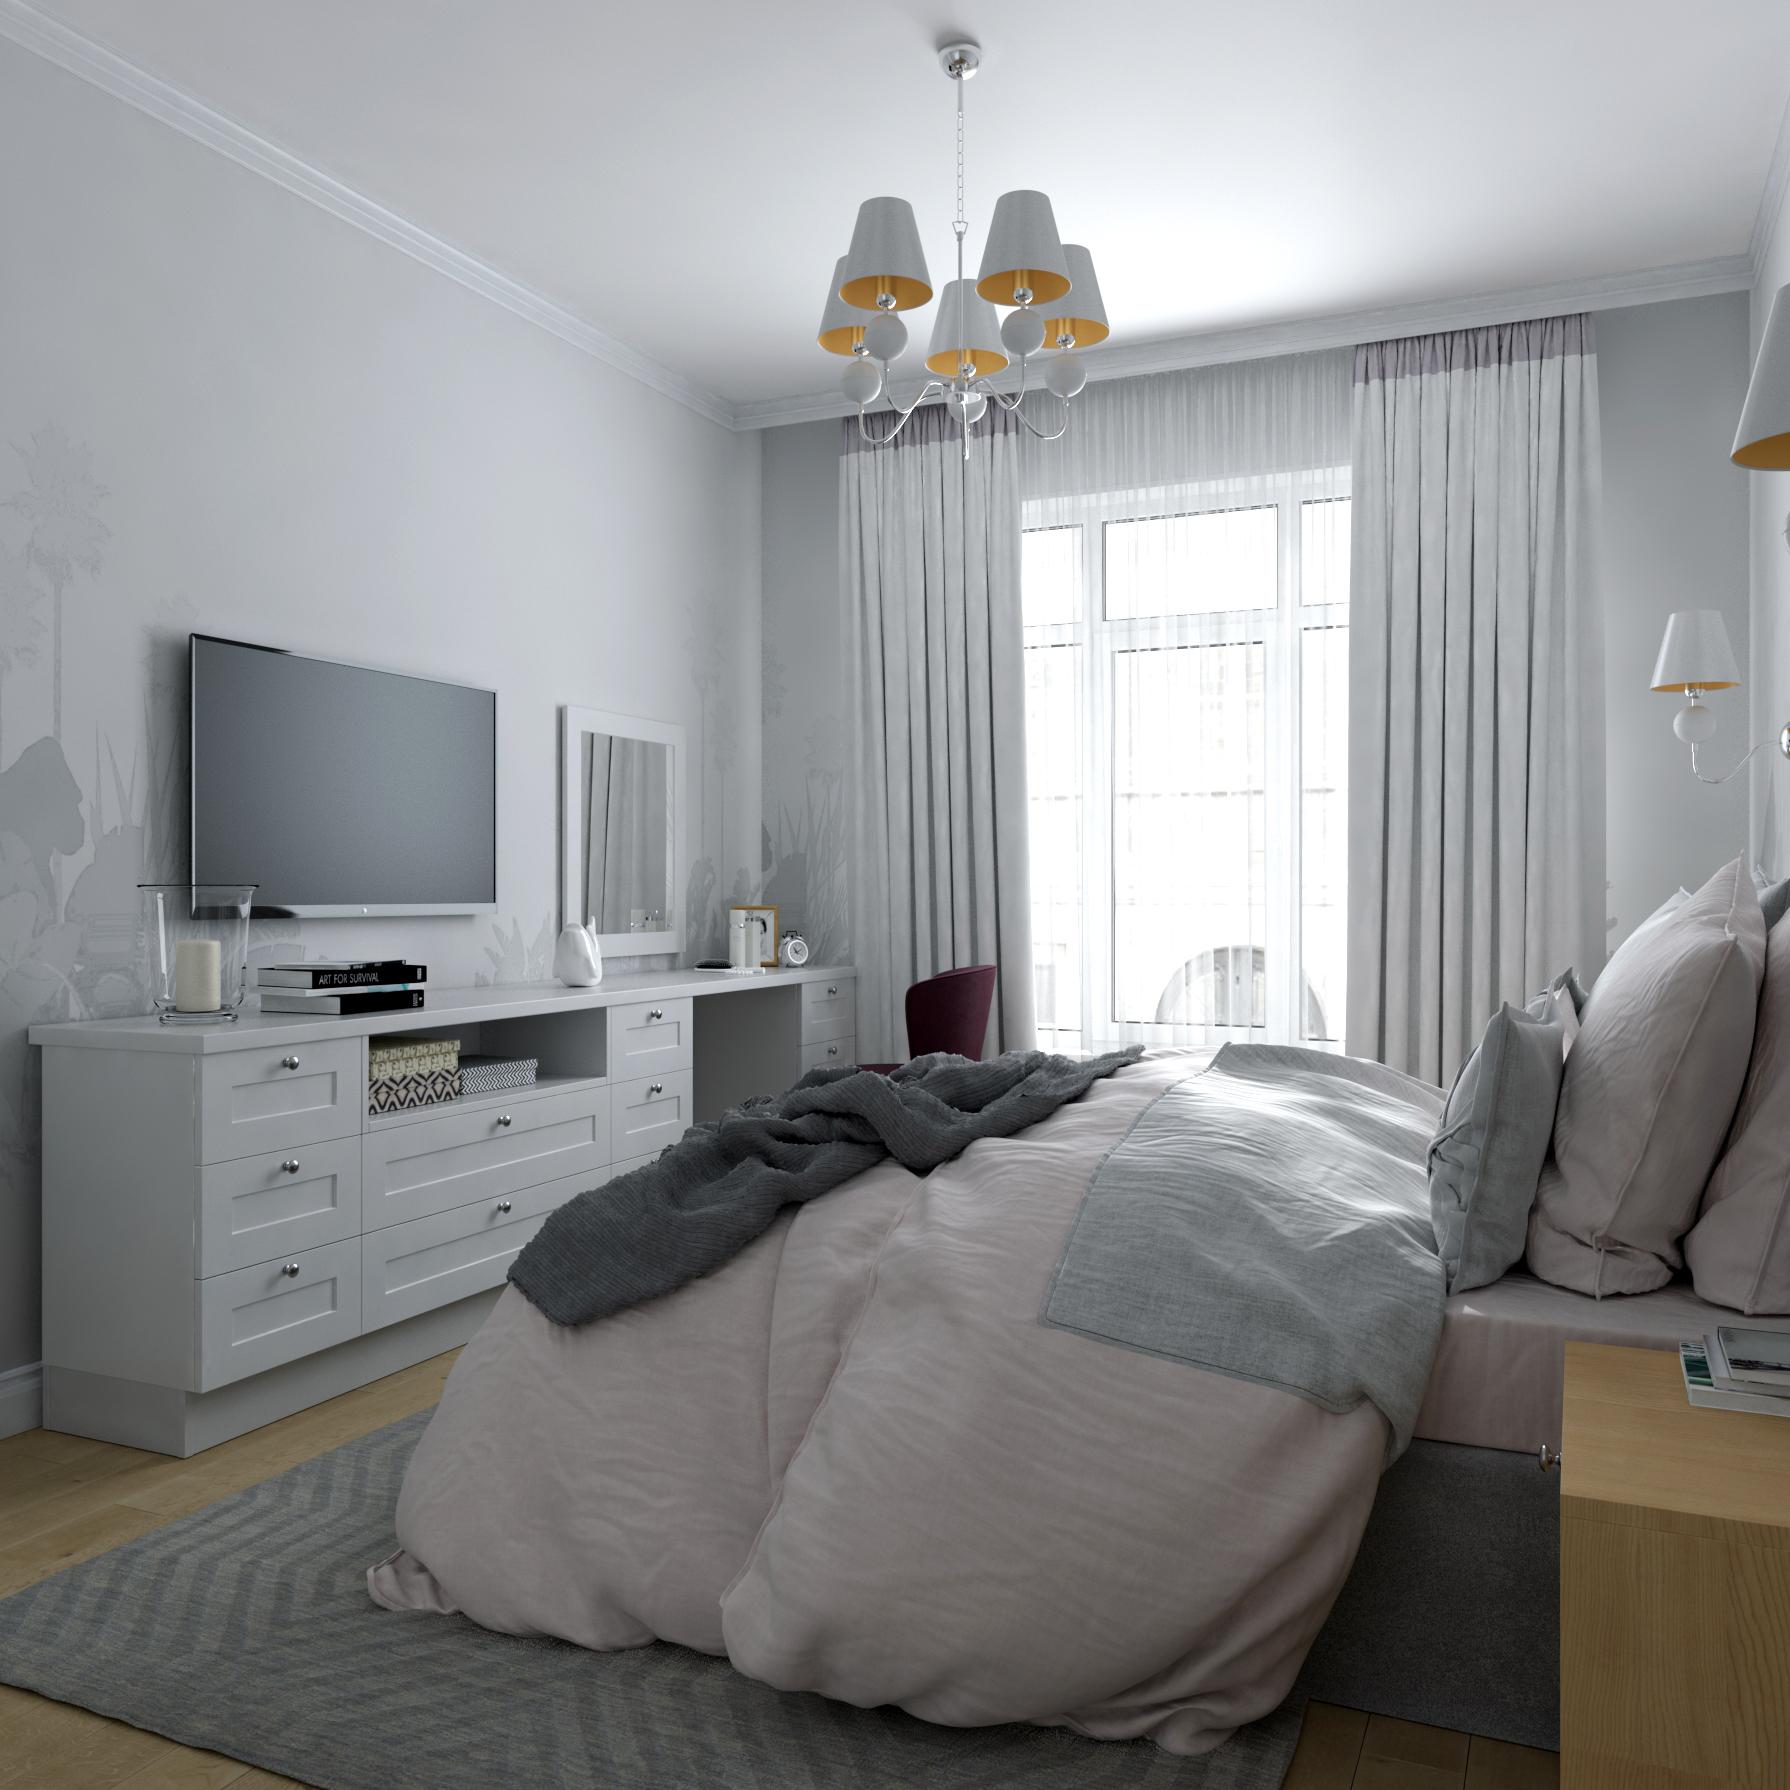 Изображение интерьера элегантной спальни